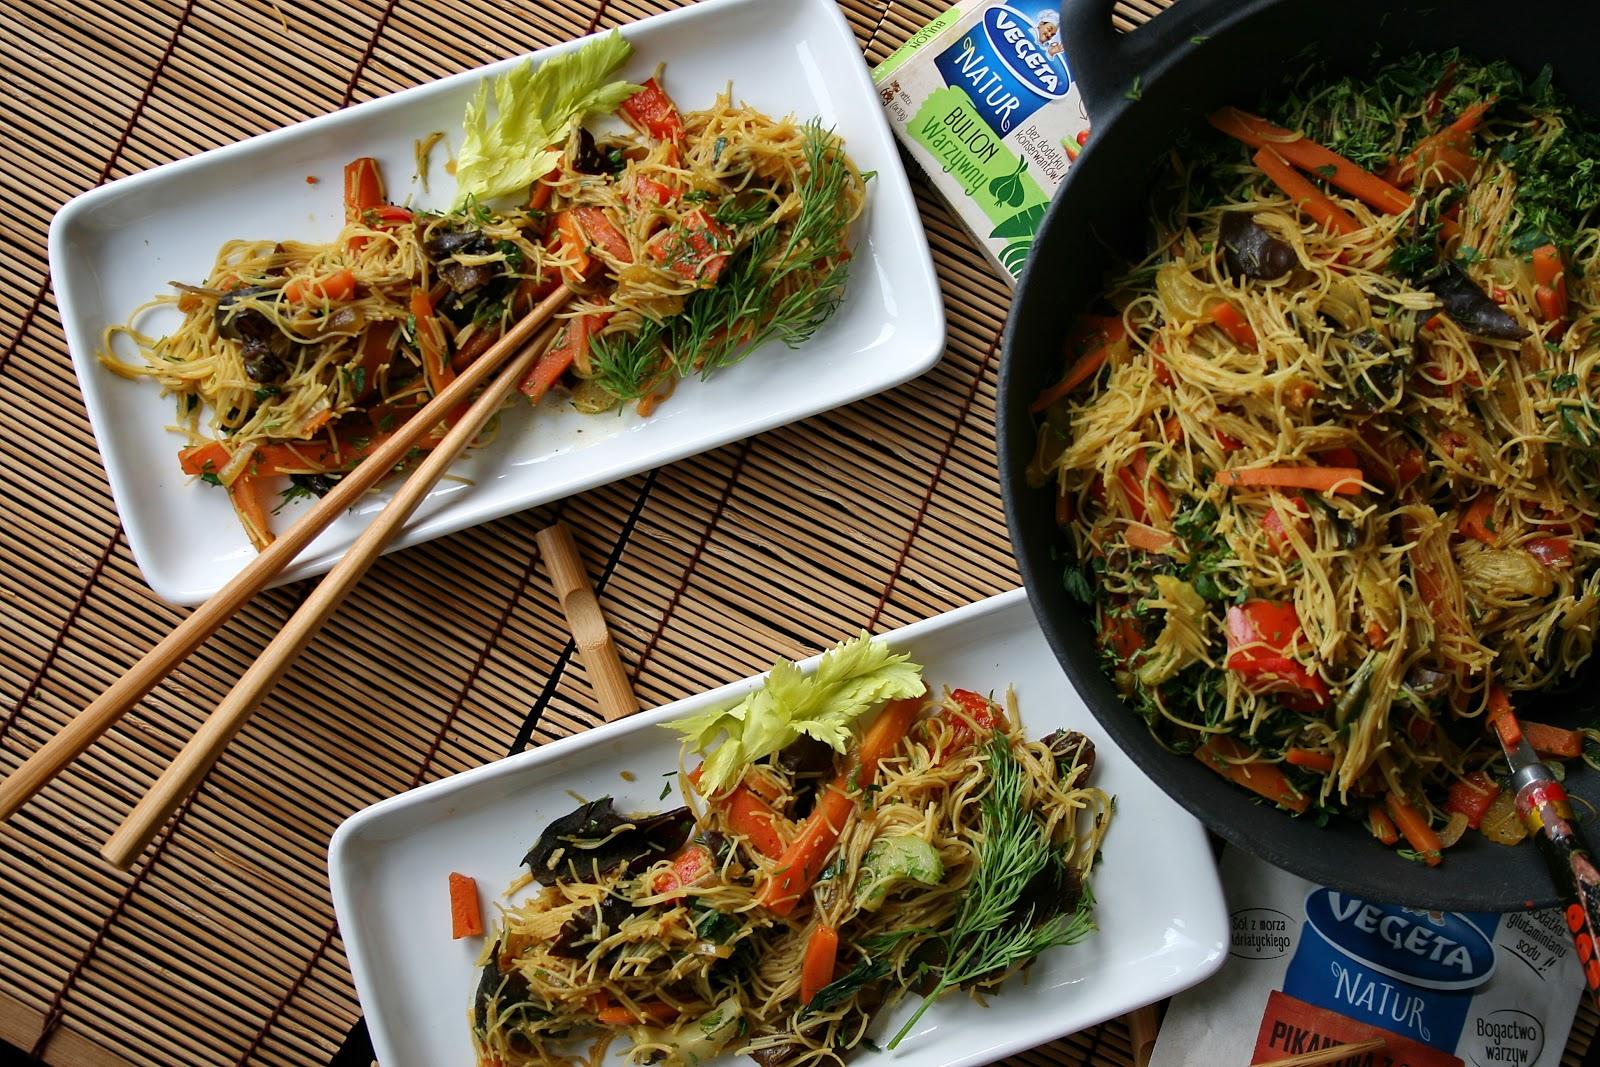 NATURalna wariacja smakowa z woka, czyli warzywa, mun z makaronem z brązowego ryżu